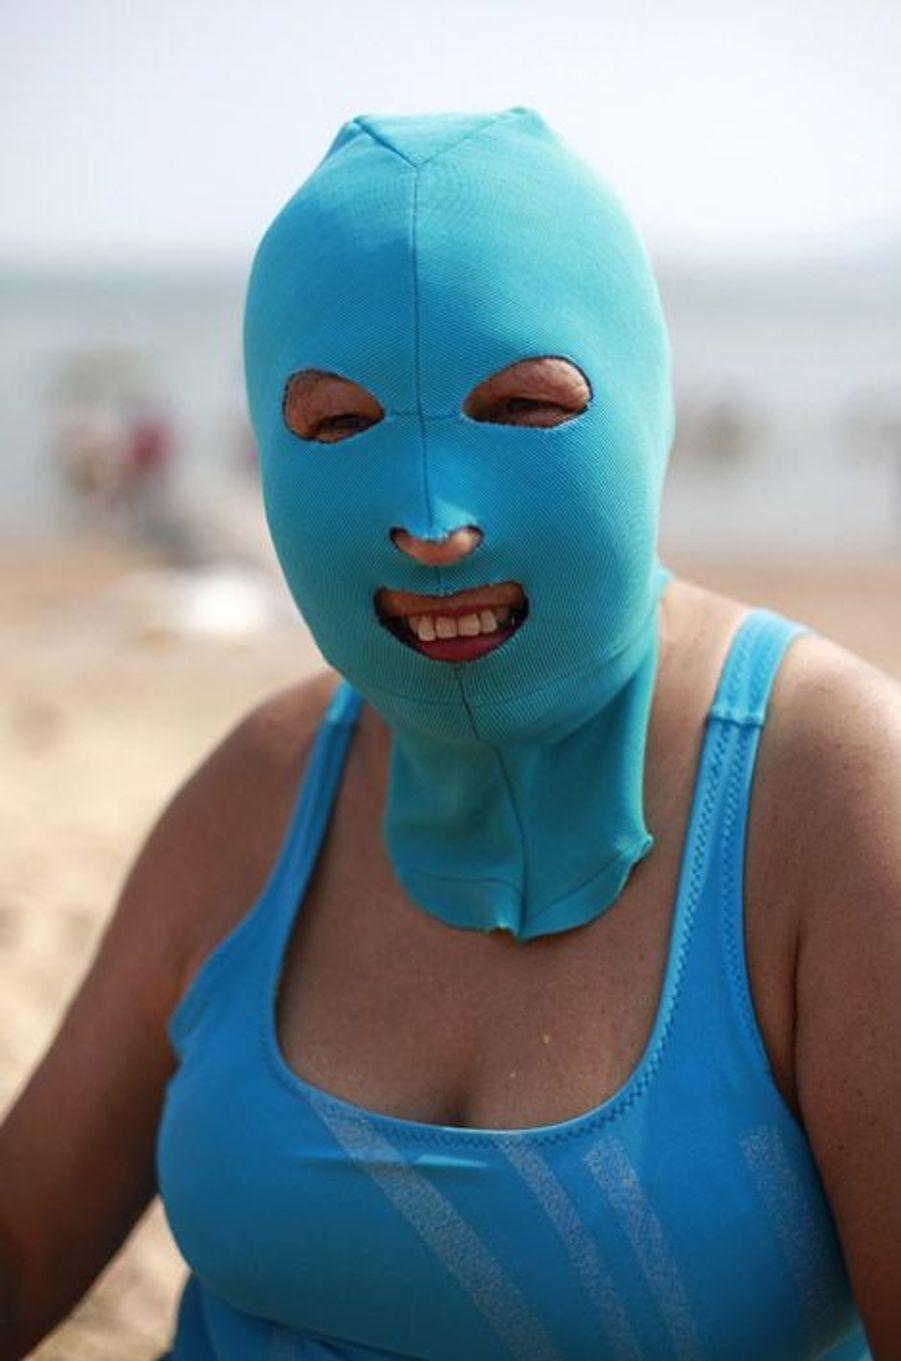 Le facekini encore présent sur les plages chinoises (photo prise en juillet 2012)